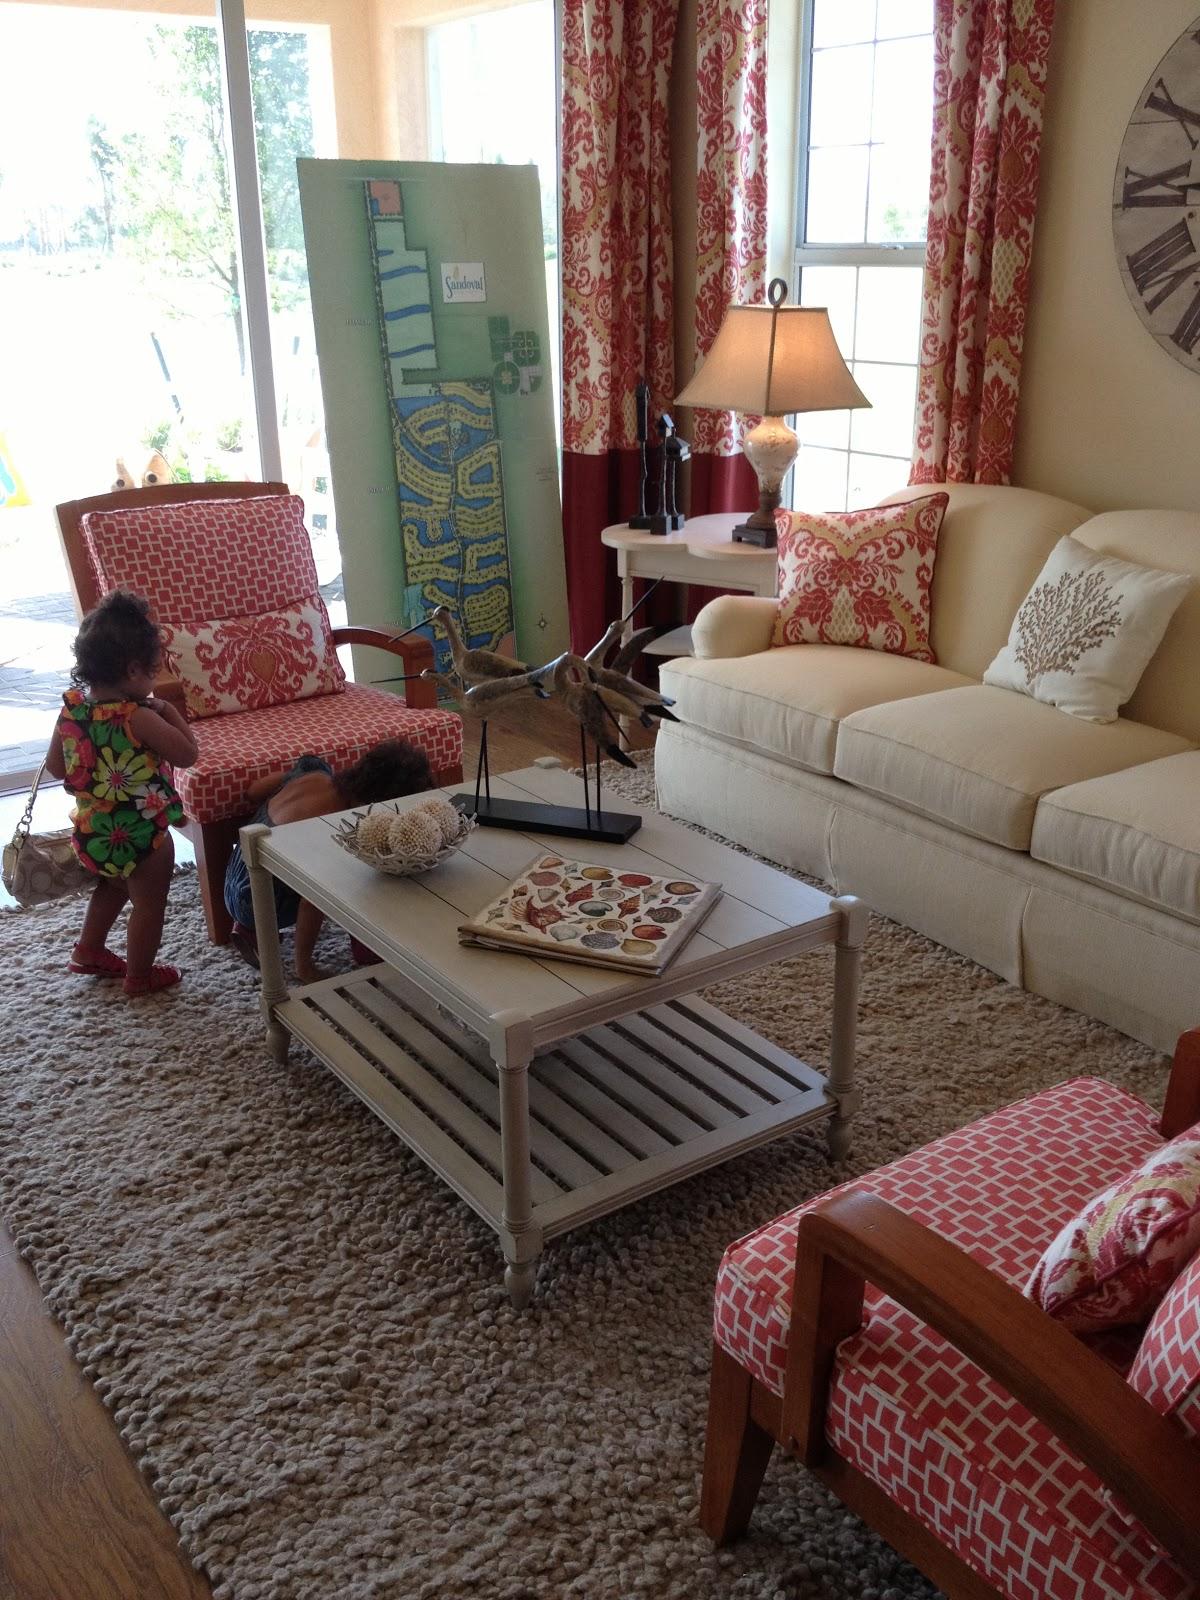 Model Home Decor. {Inspiration}.